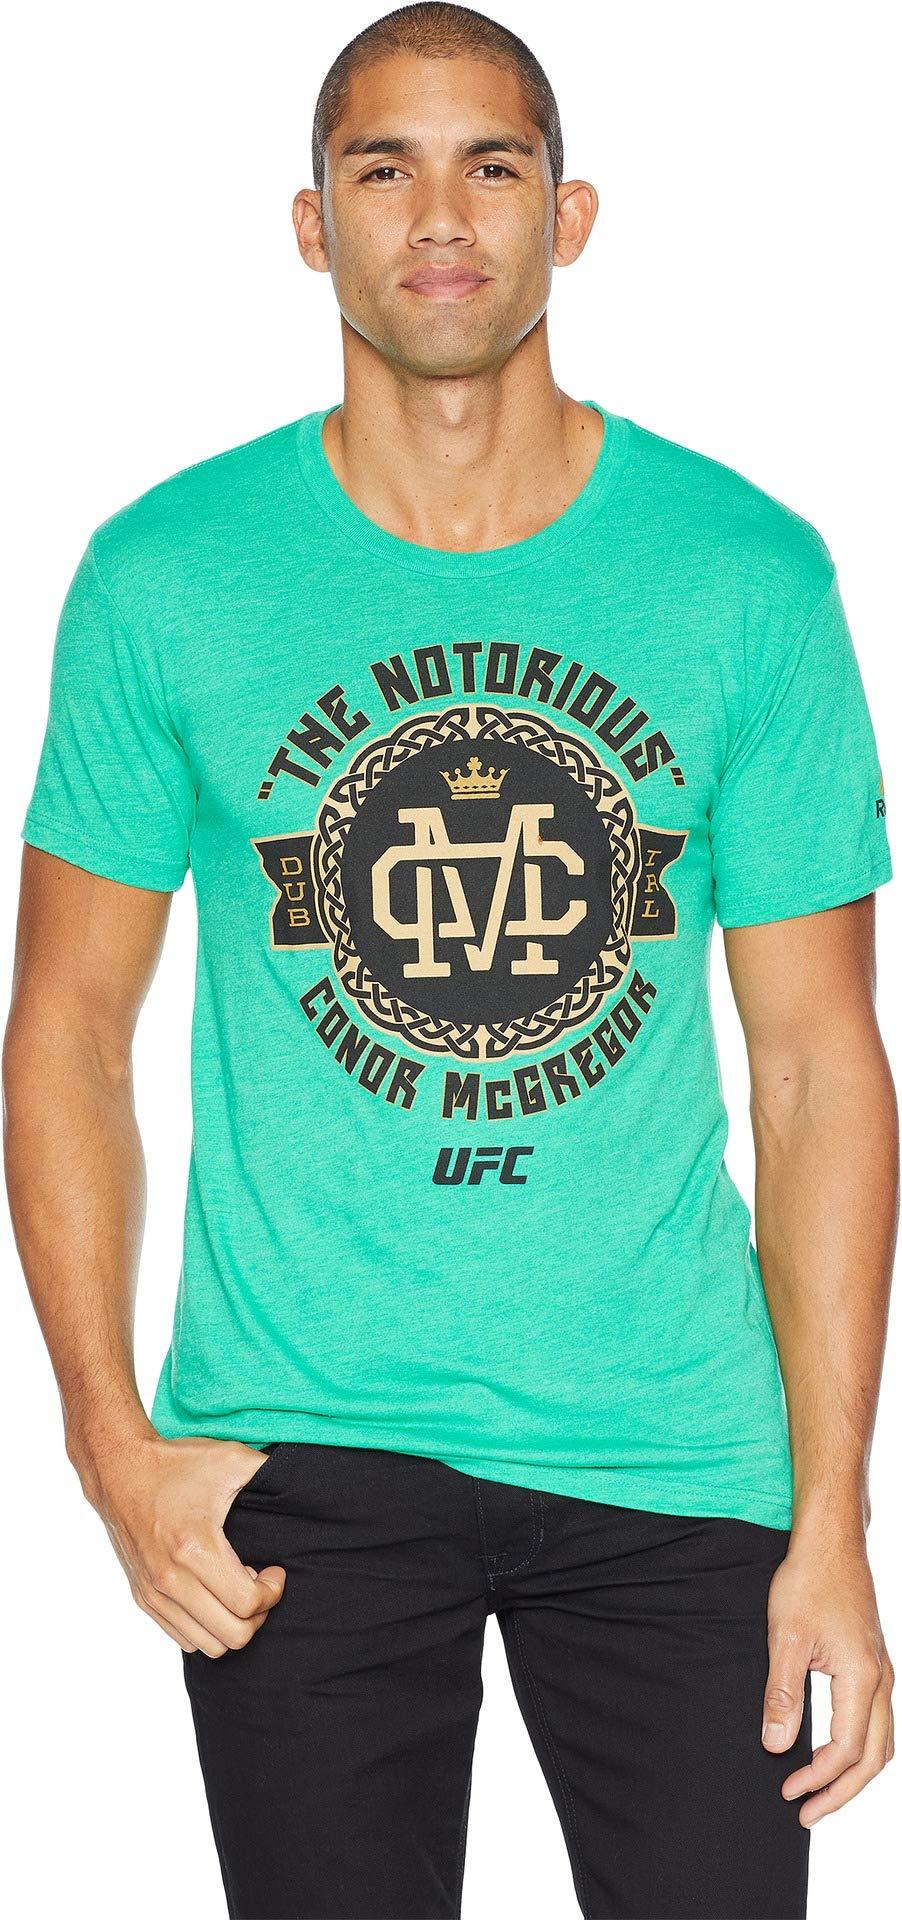 Reebok UFC Conor Mcgregor - Camiseta de Manga Corta para Hombre, Manga Corta, UFC Conor Mcgregor - Camiseta de Manga Corta con Insignia Celta, Hombre, Color Verde, tamaño Large: Amazon.es: Deportes y